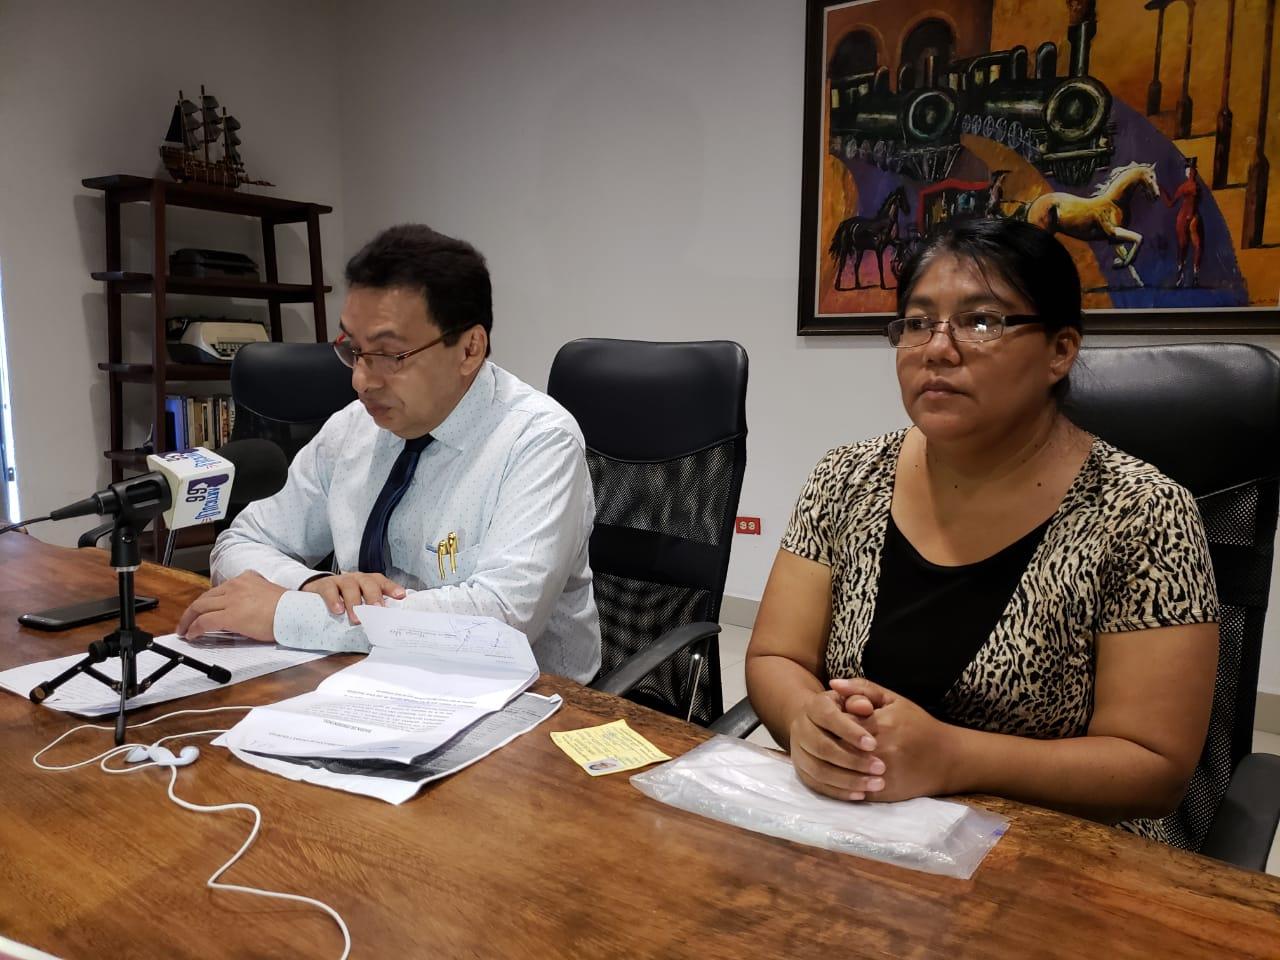 Xiomara Espinoza Reyes, esposa del exreo político junto al abogado defensor, Julio Montenegro. Foto: G. Shiffman / Artículo 66